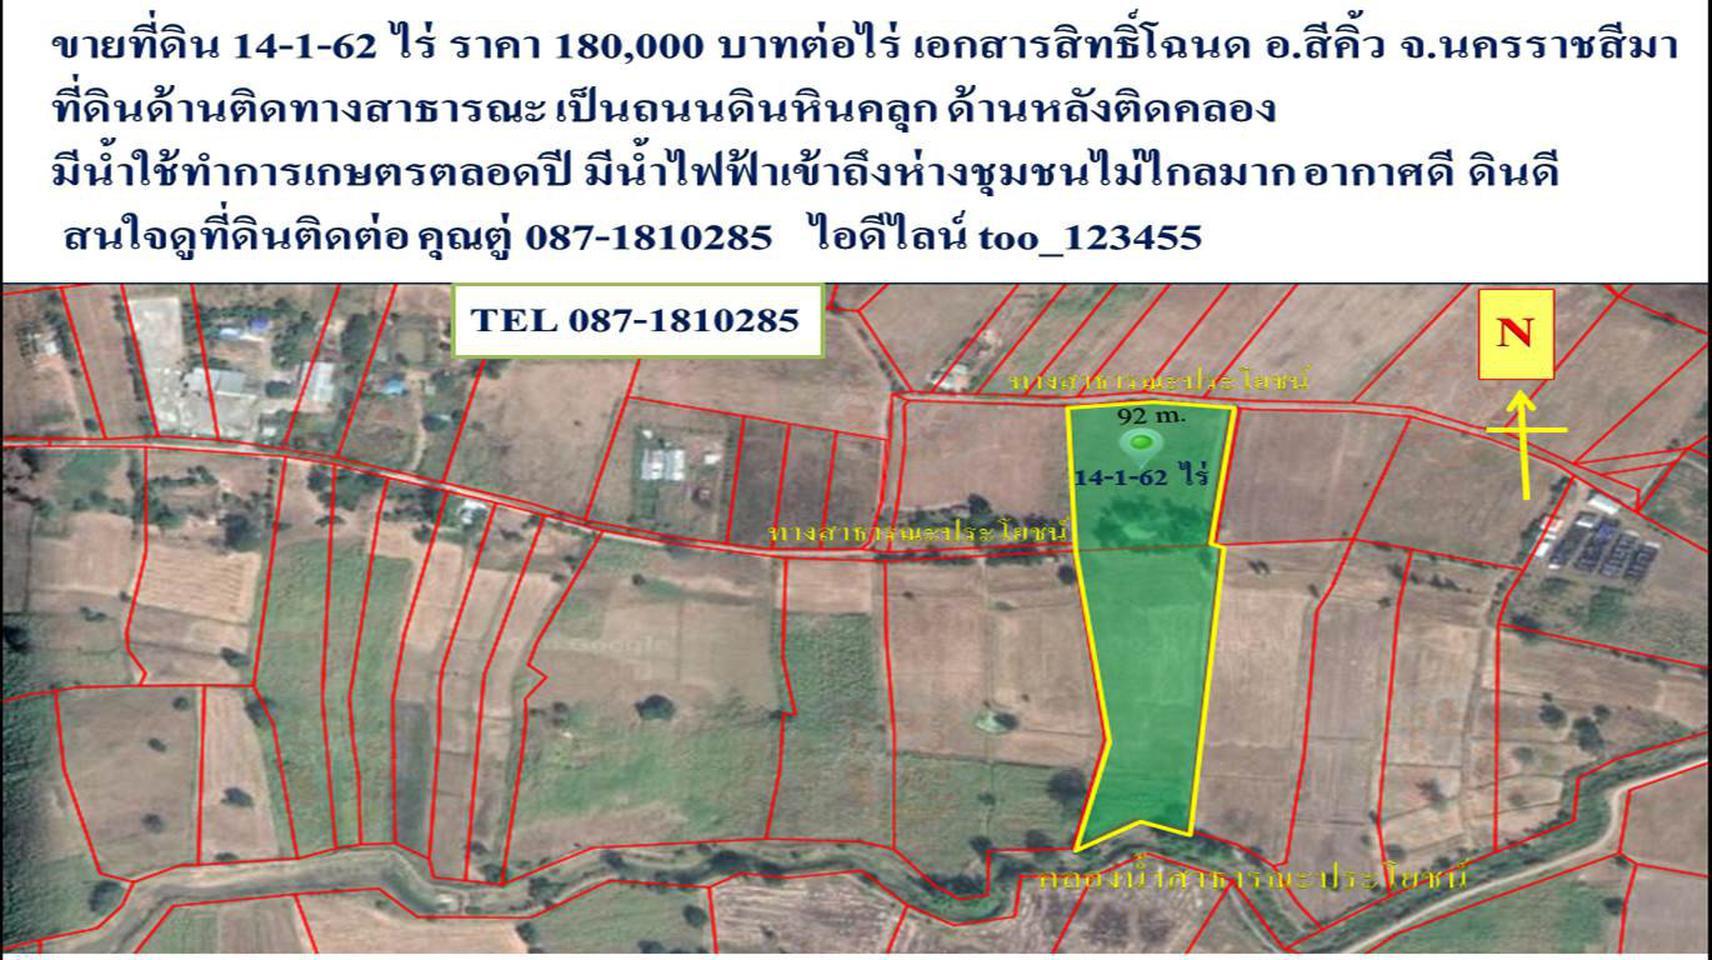 ขายที่ดิน 14-1-62 ไร่ ราคา 180,000 บาทต่อไร่ เอกสารสิทธิ์โฉนด อ.สีคิ้ว จ.นครราชสีมา รูปที่ 2